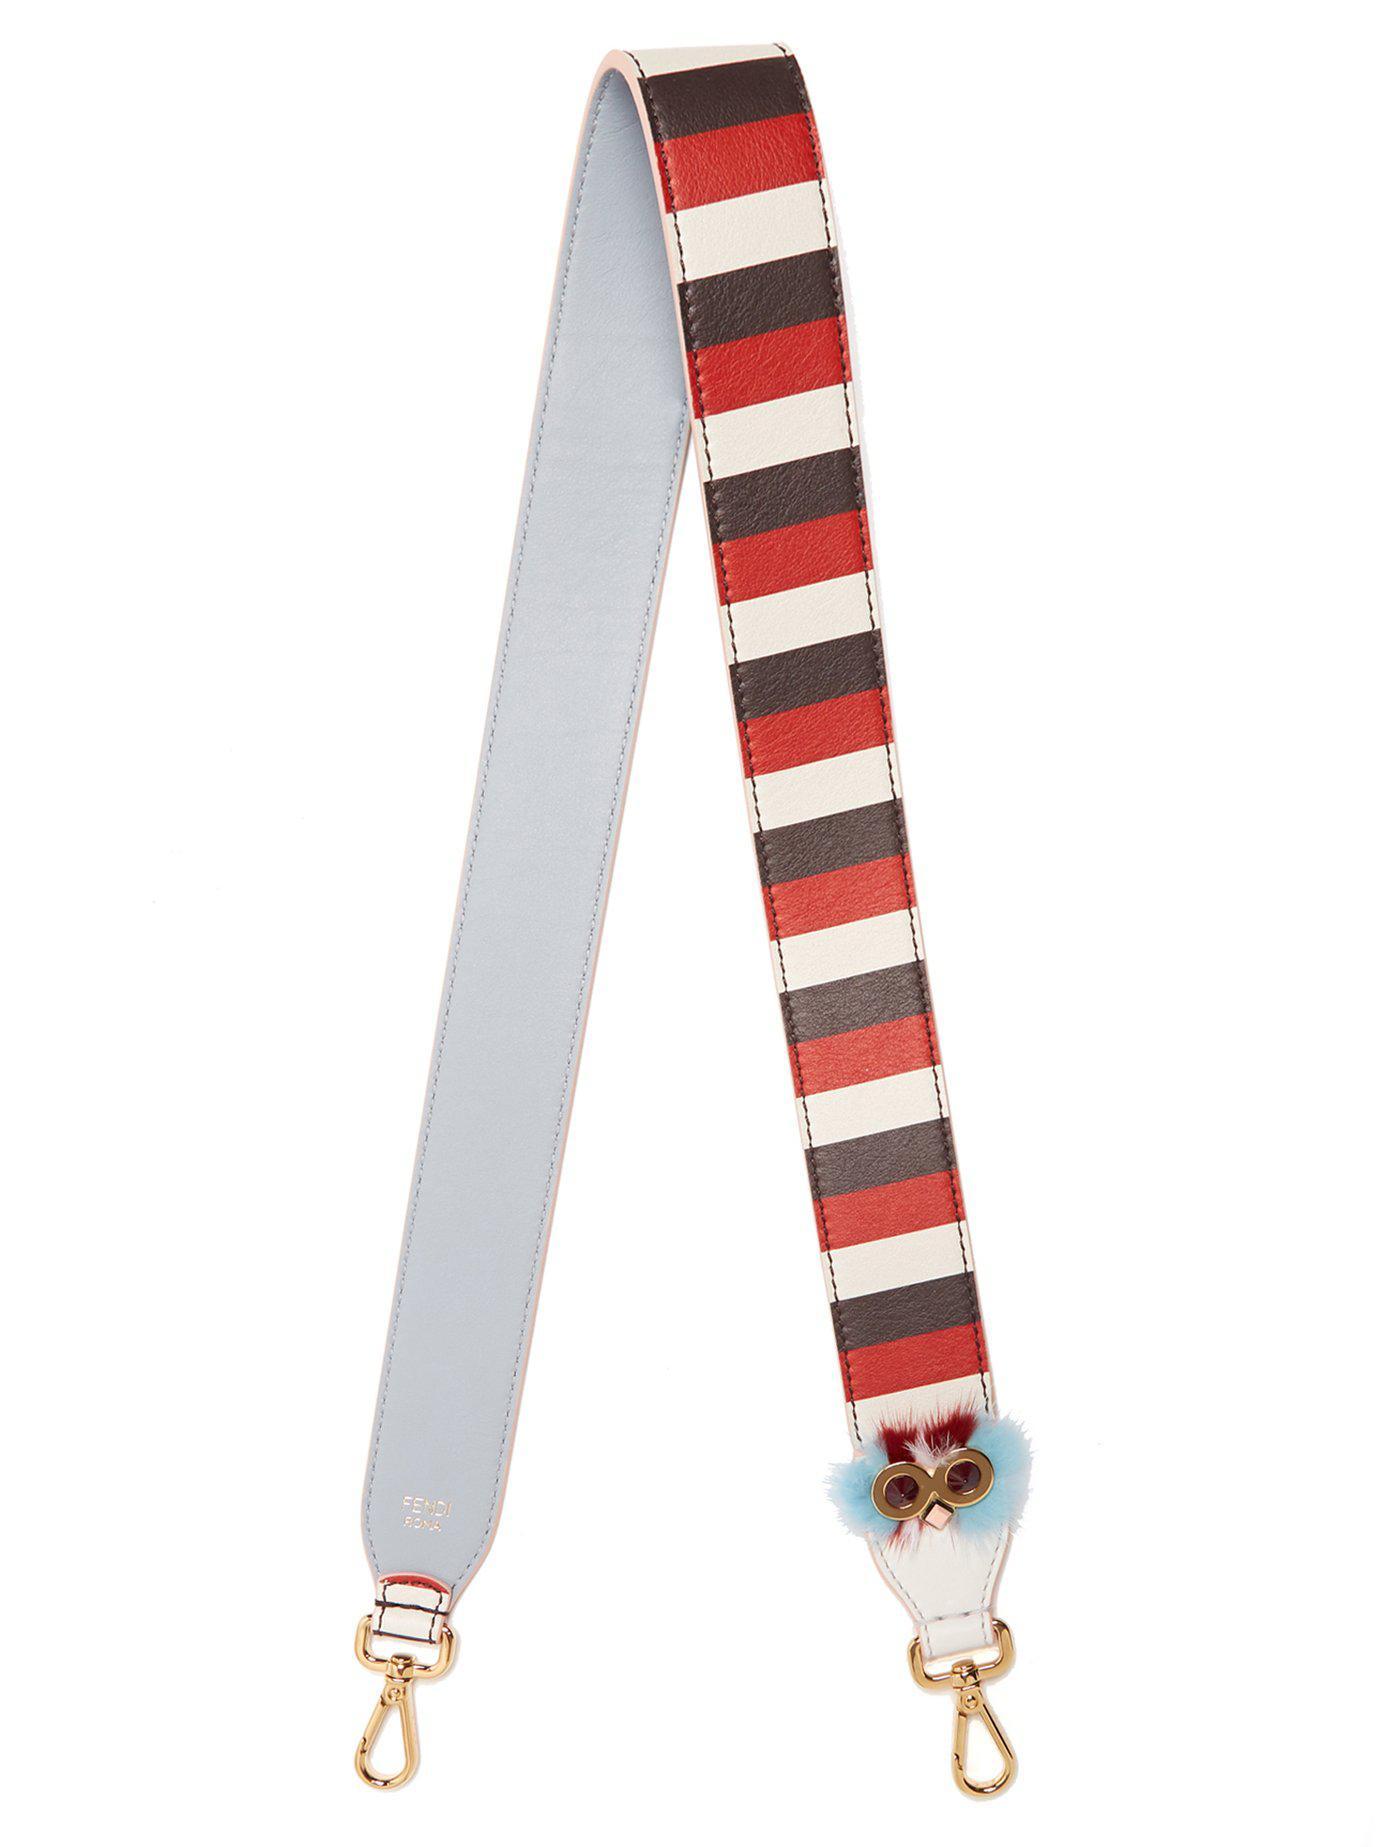 Lyst - Bandoulière en cuir rayée Strap You Fendi en coloris Rouge 734e2a5c093